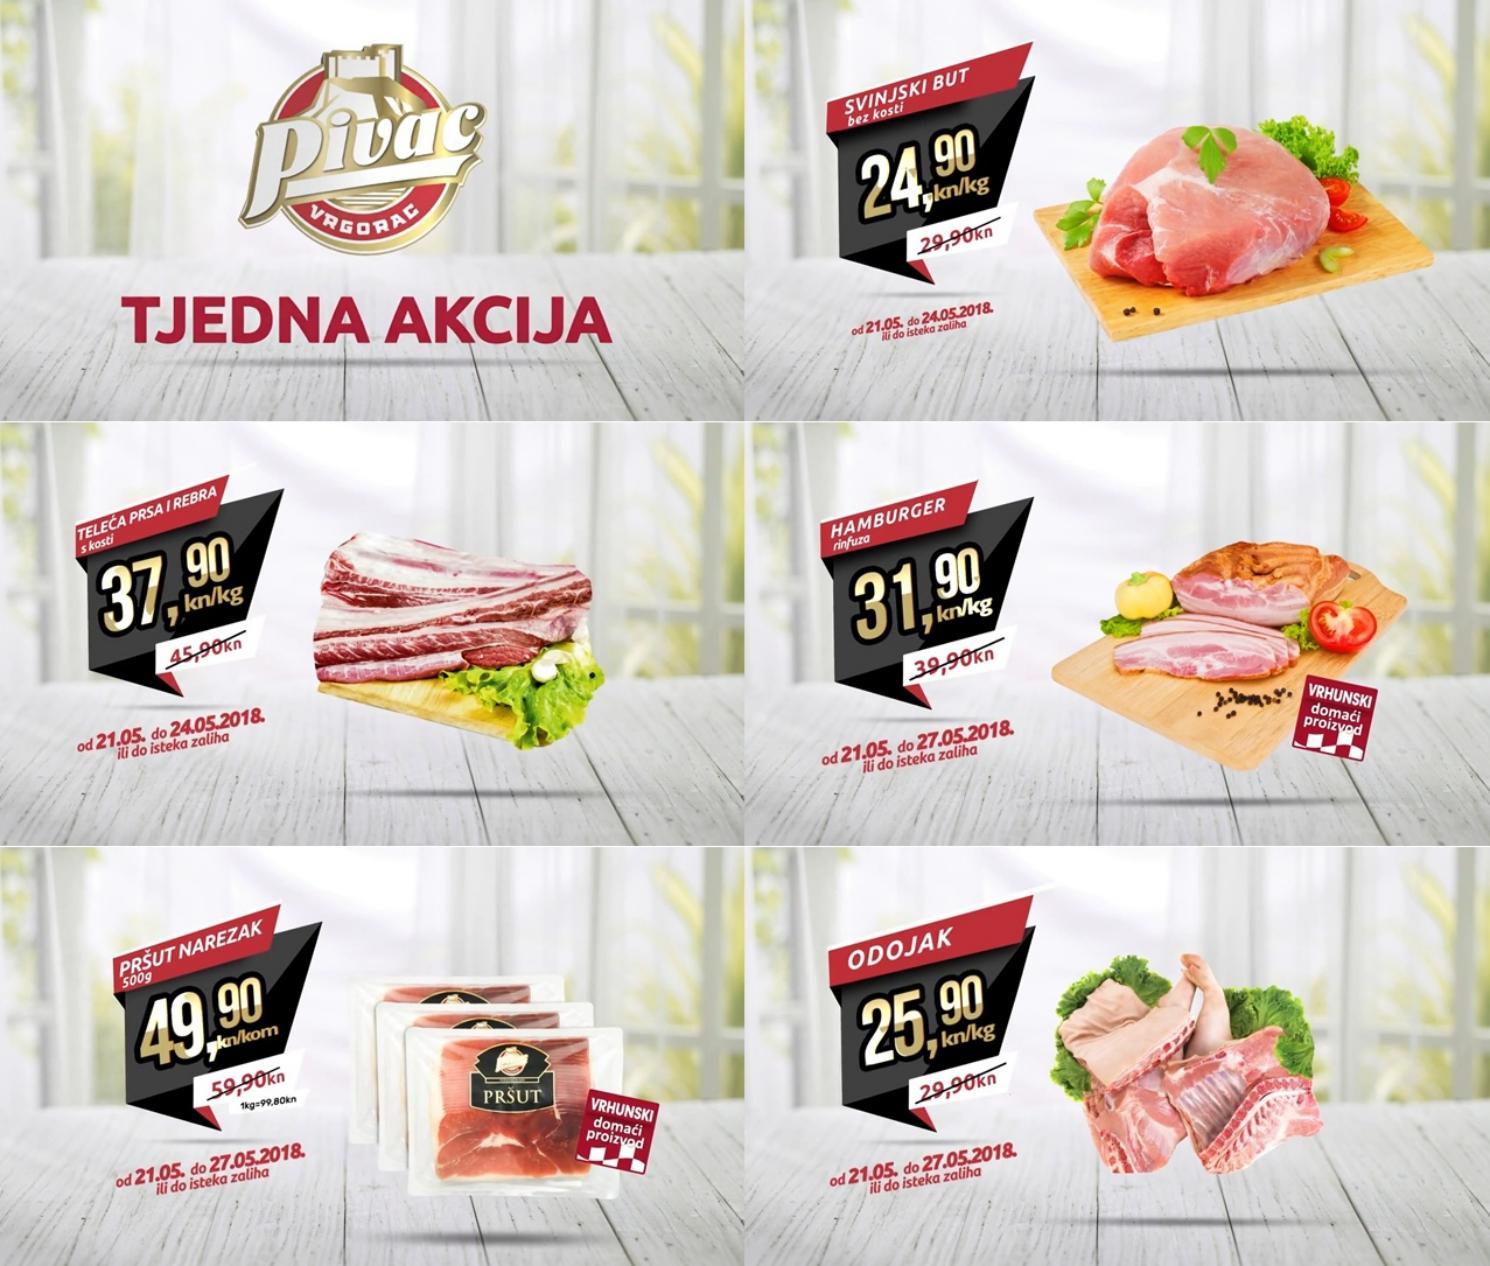 Nova tjedna akcija od 21.- 27.05.2018. u Pivac prodajnim centrima!